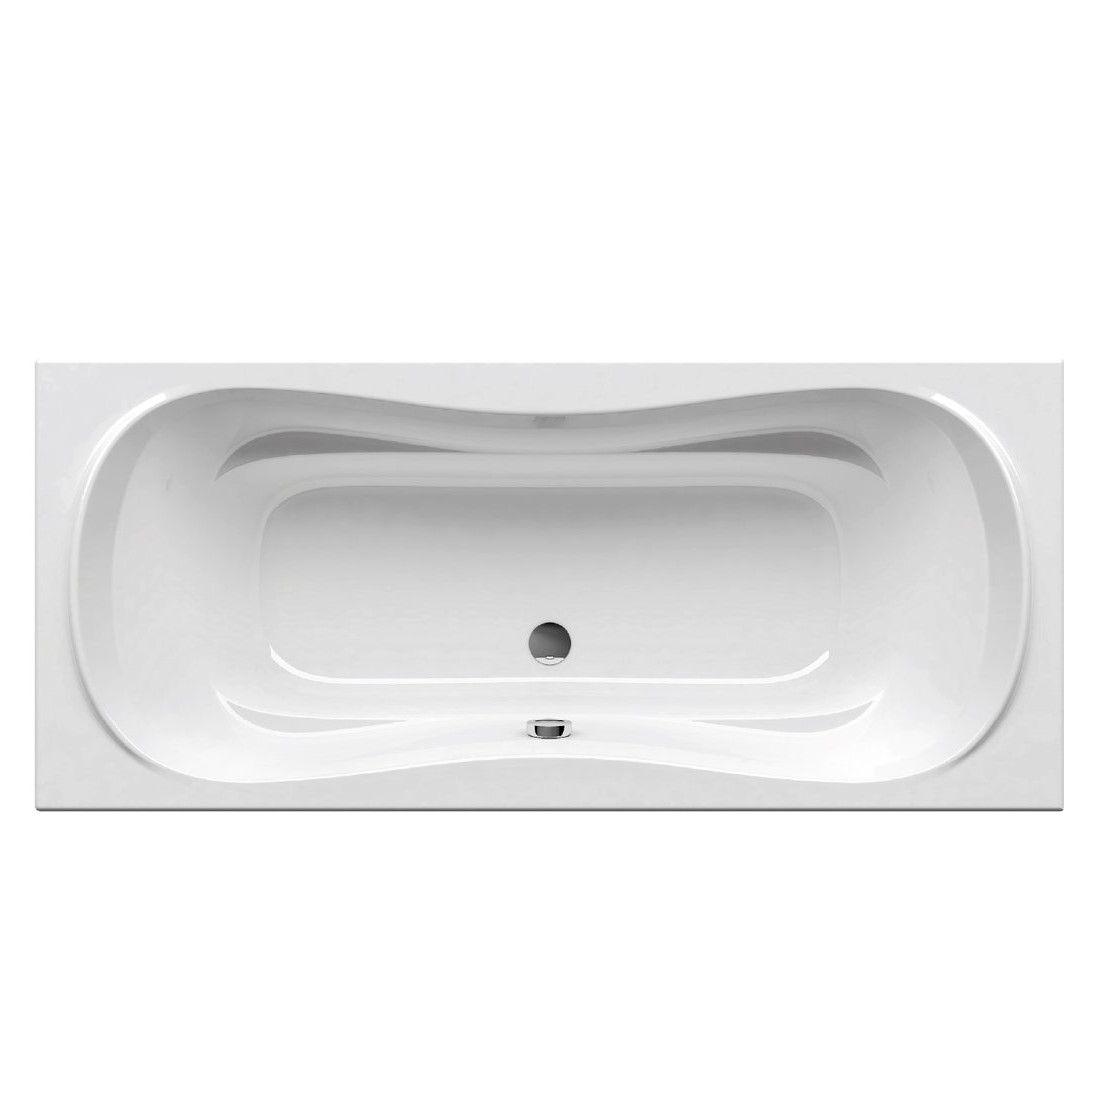 Прямоугольная ванна с гидромассажем Ravak Campanula II 180x80 ФОТО